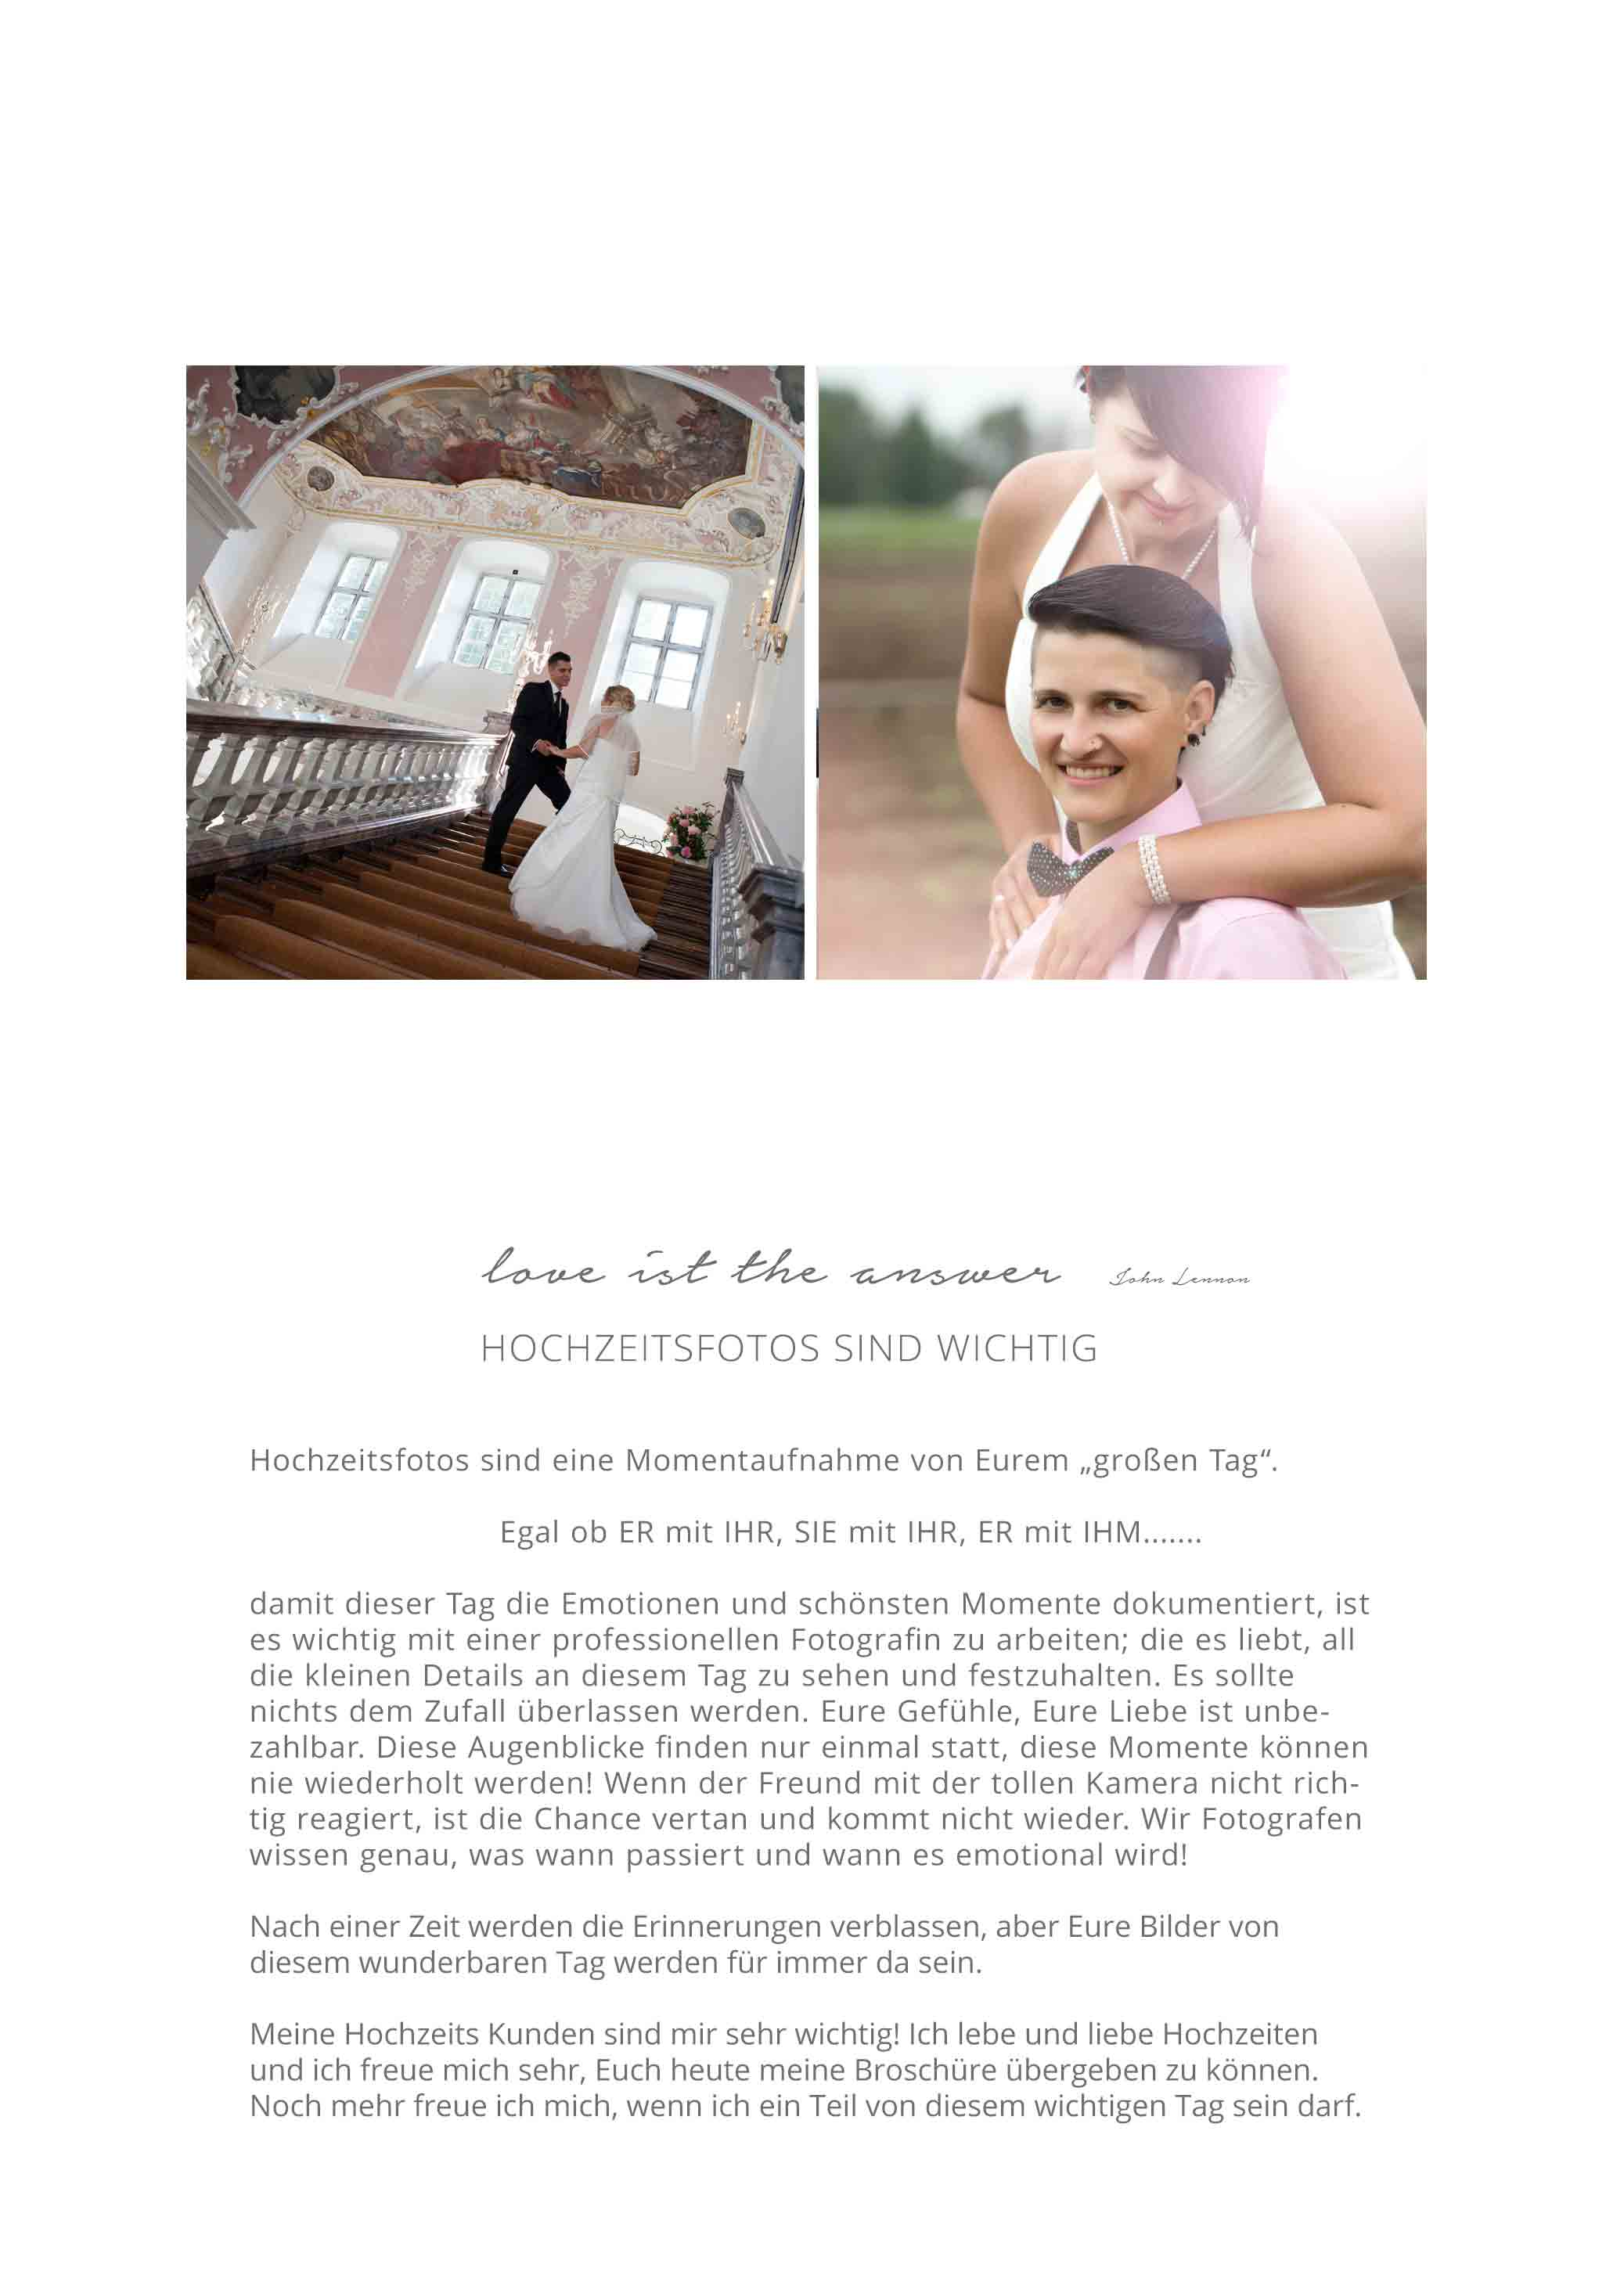 04 Hochzeit FotoStudio Hübner